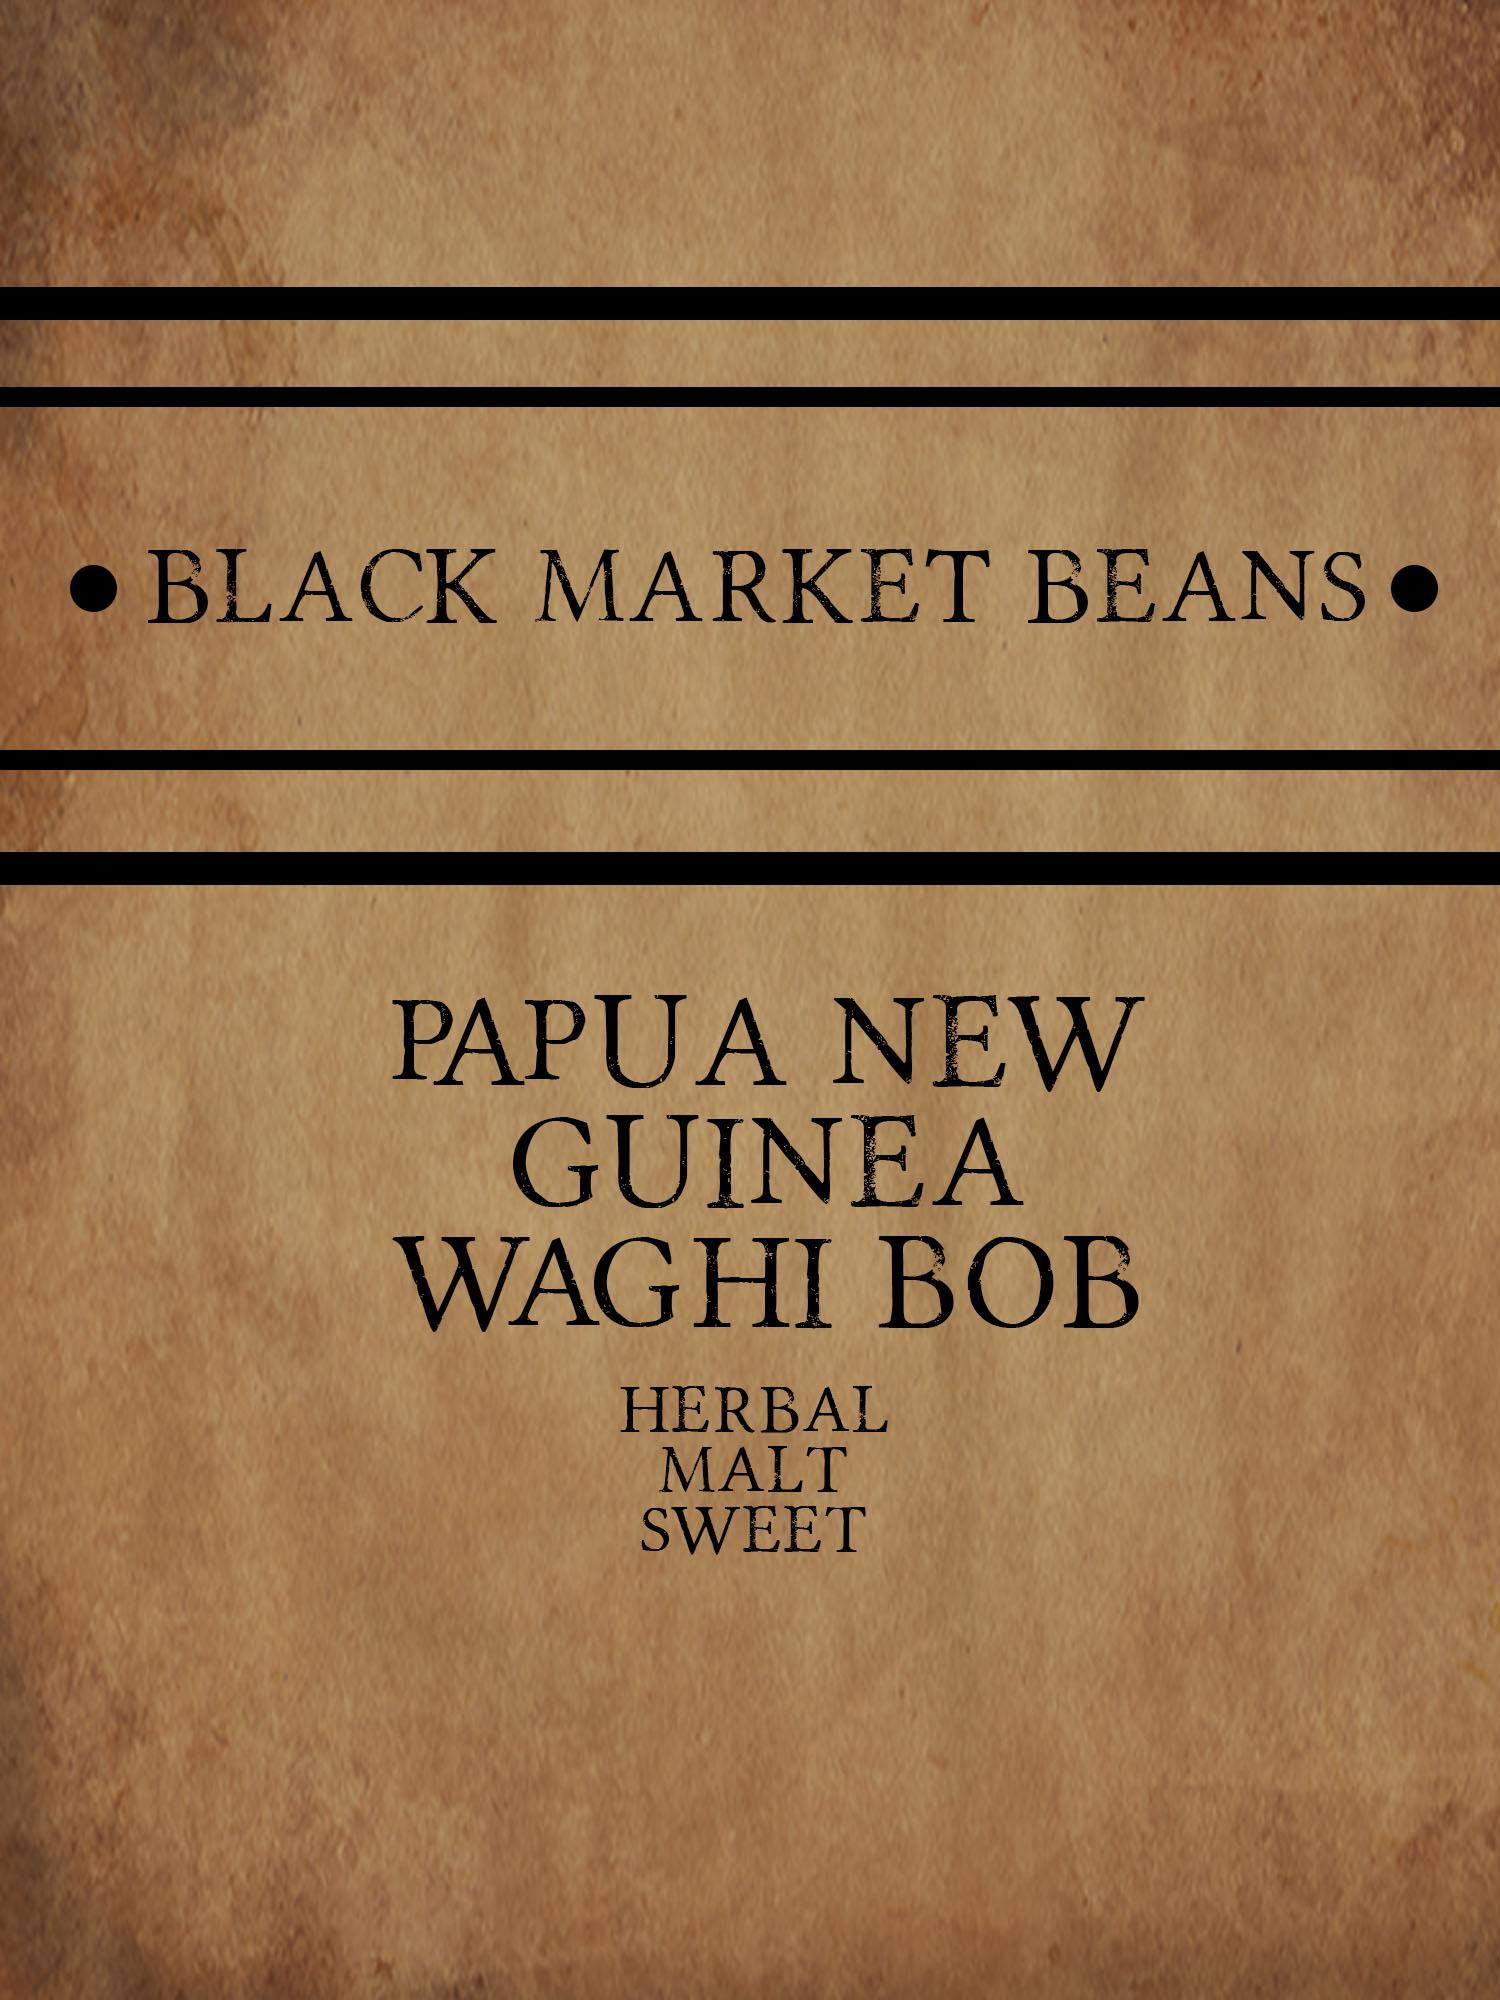 coffee_Papua_New_guinea_waghibob.jpg